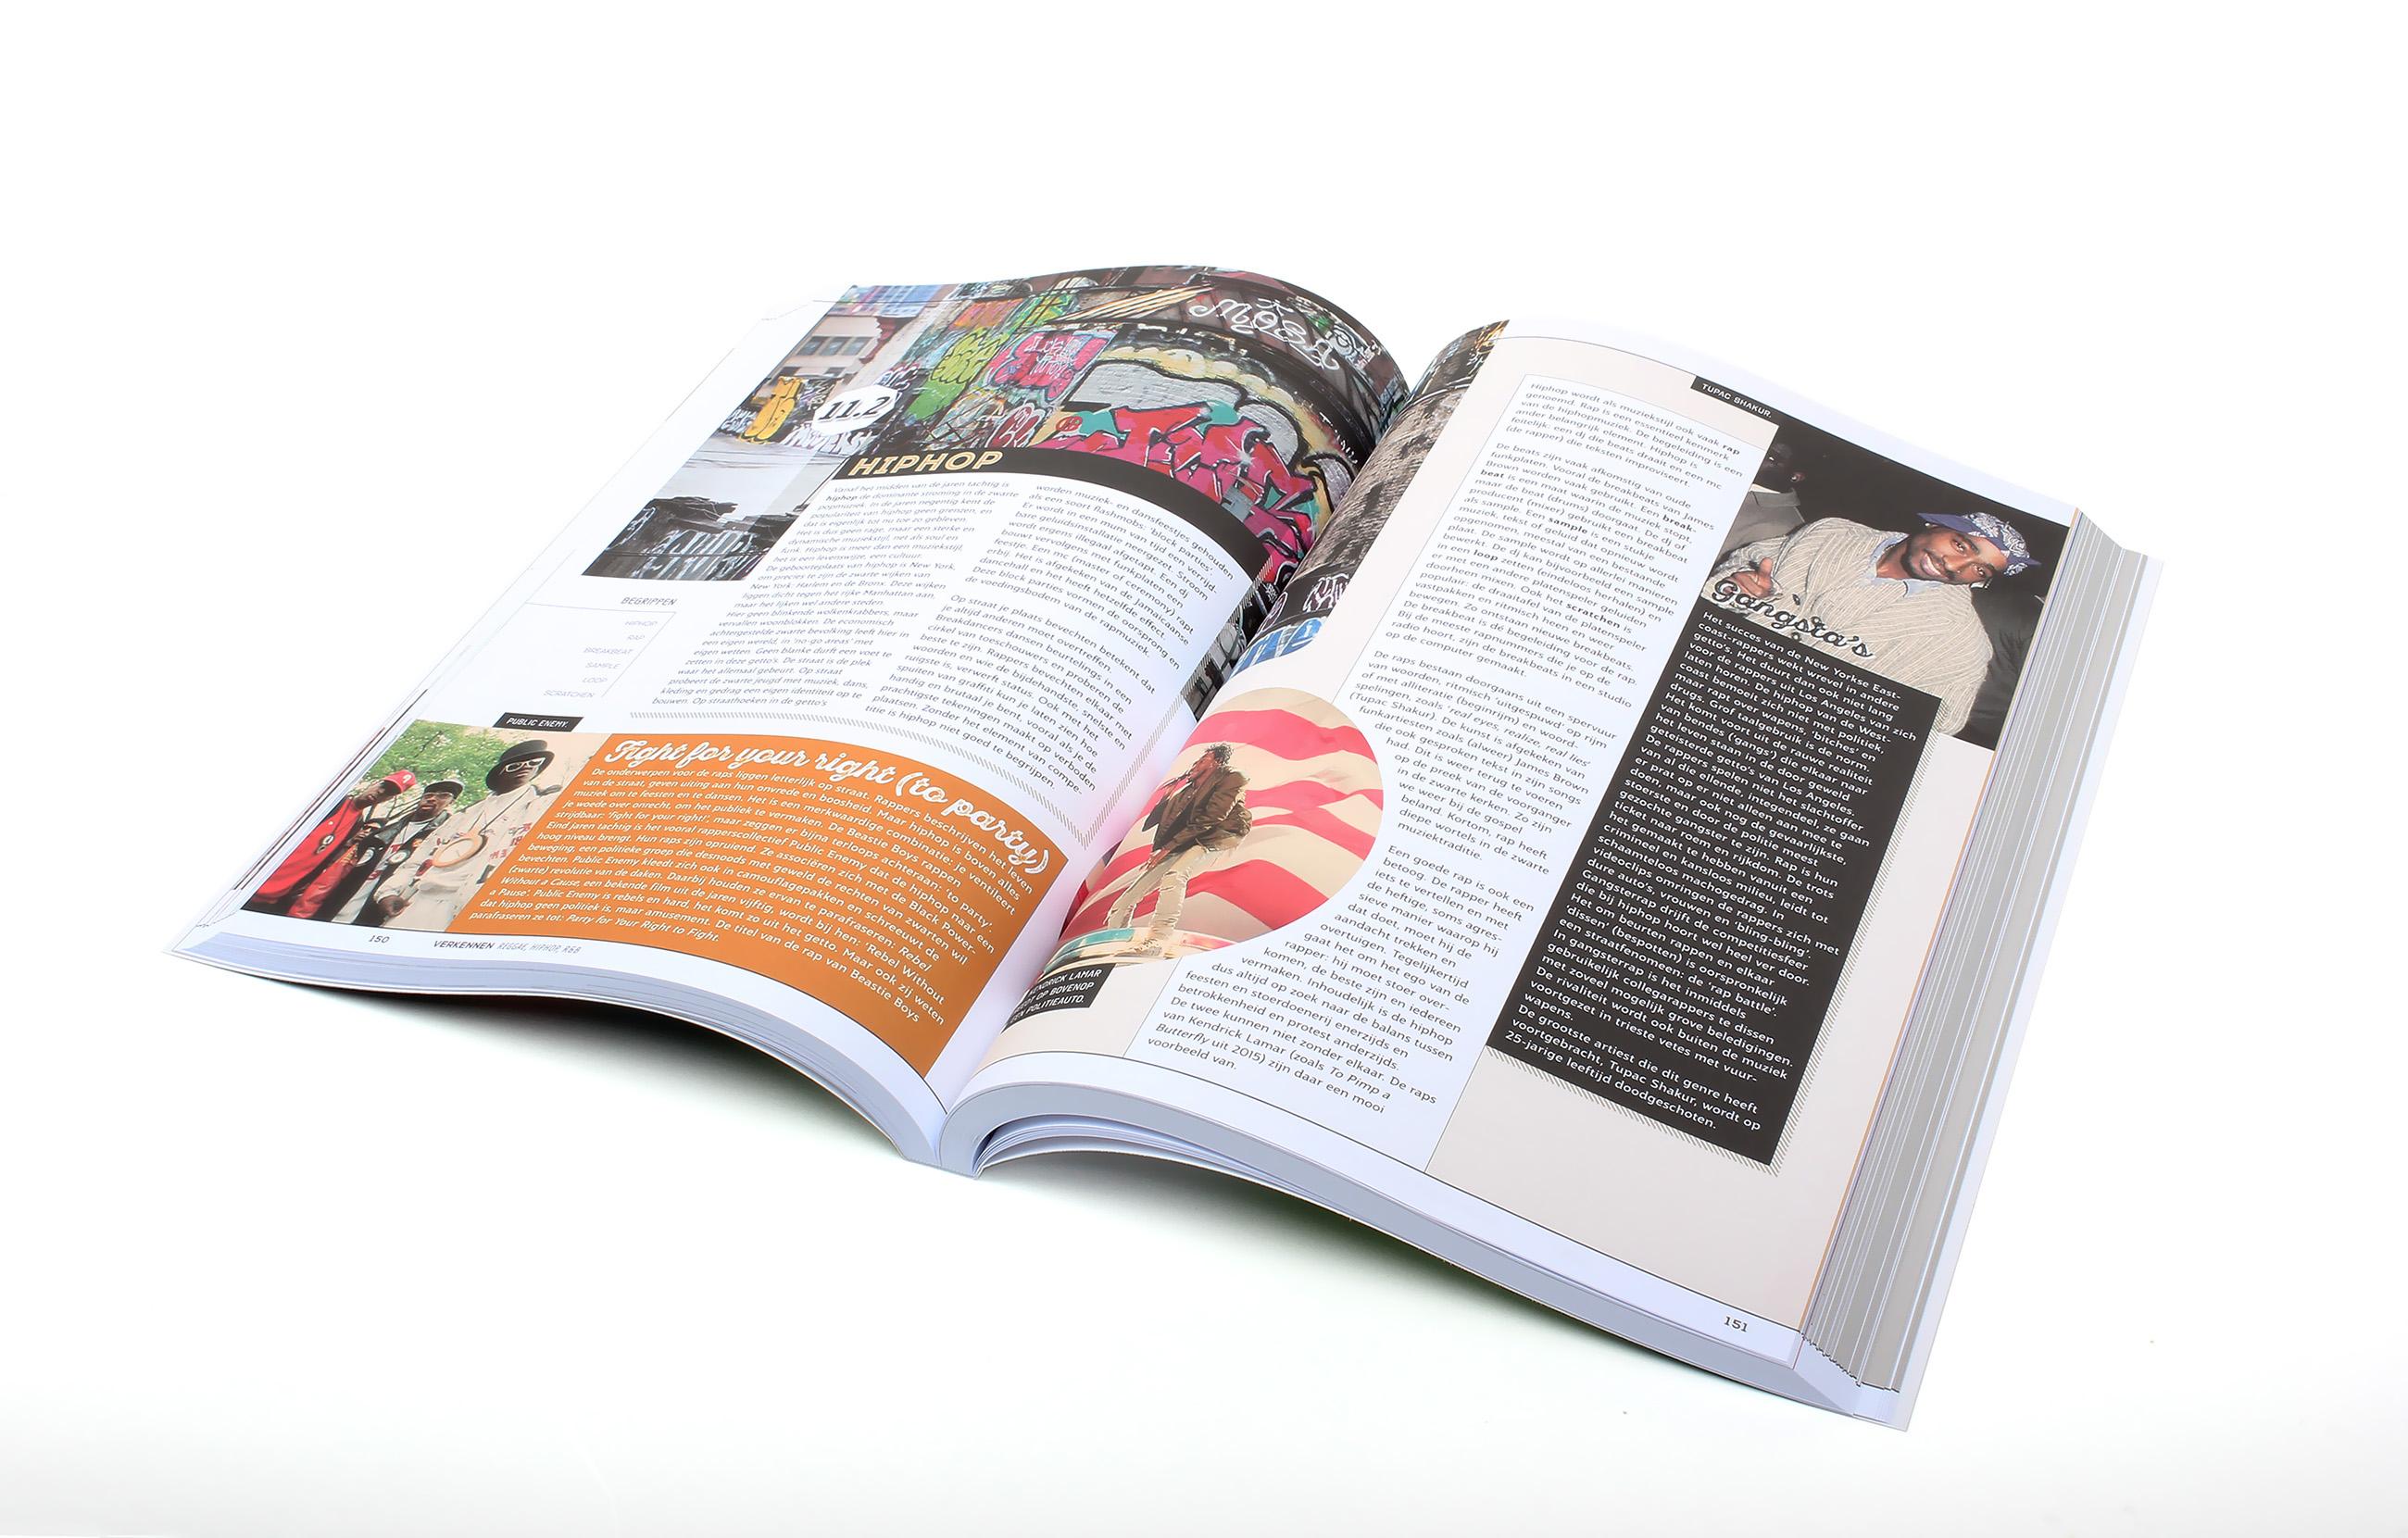 ThiemeMeulenhoff Intro boek opengeslagen. Ontwerp en opmaak door Neo & Co.